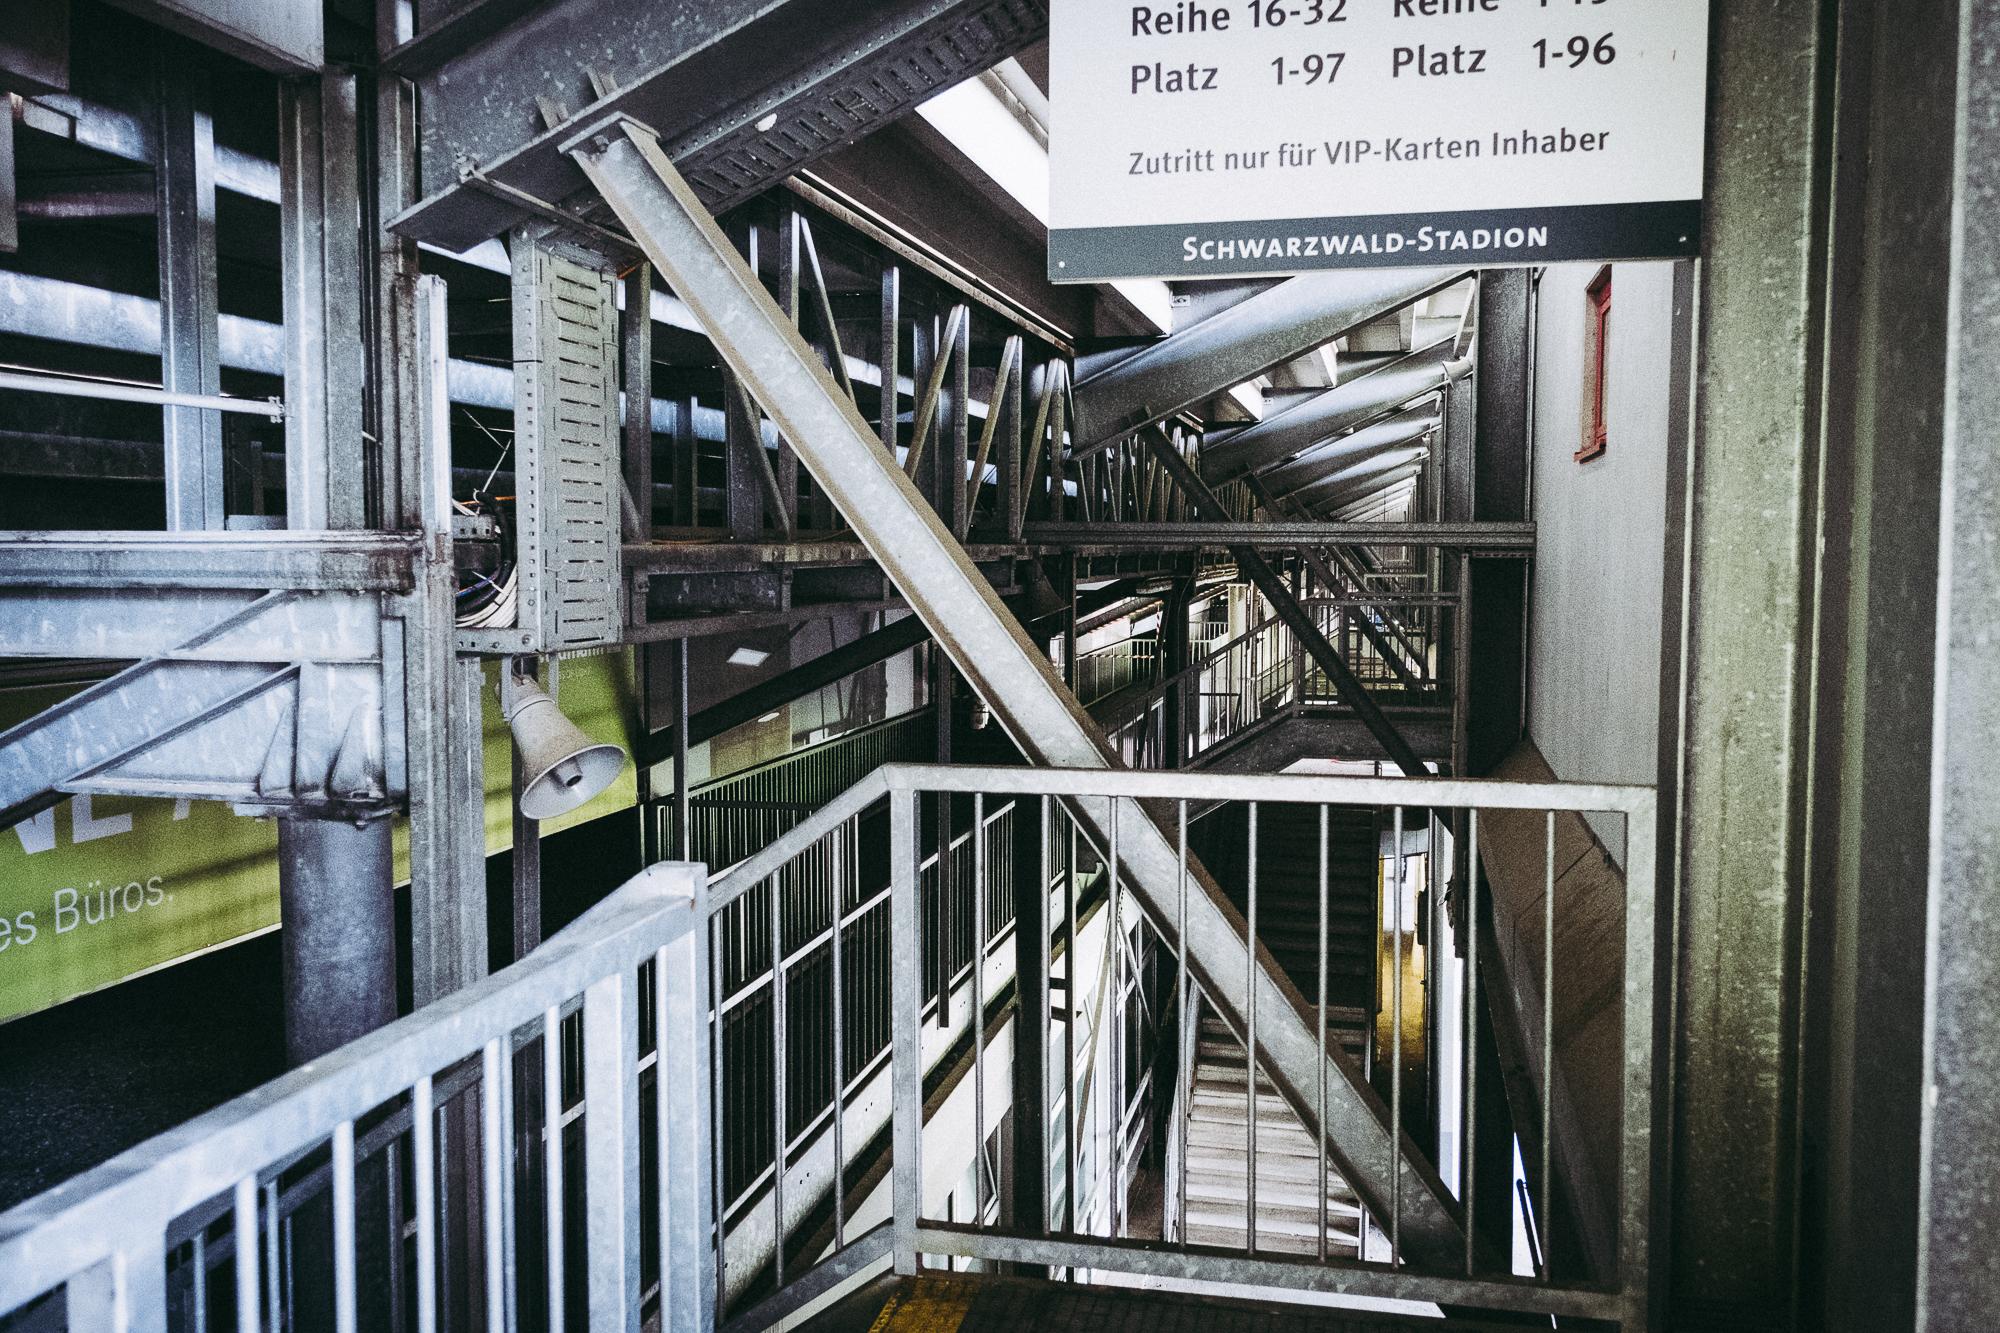 ERI12081 - Dreisamstadion